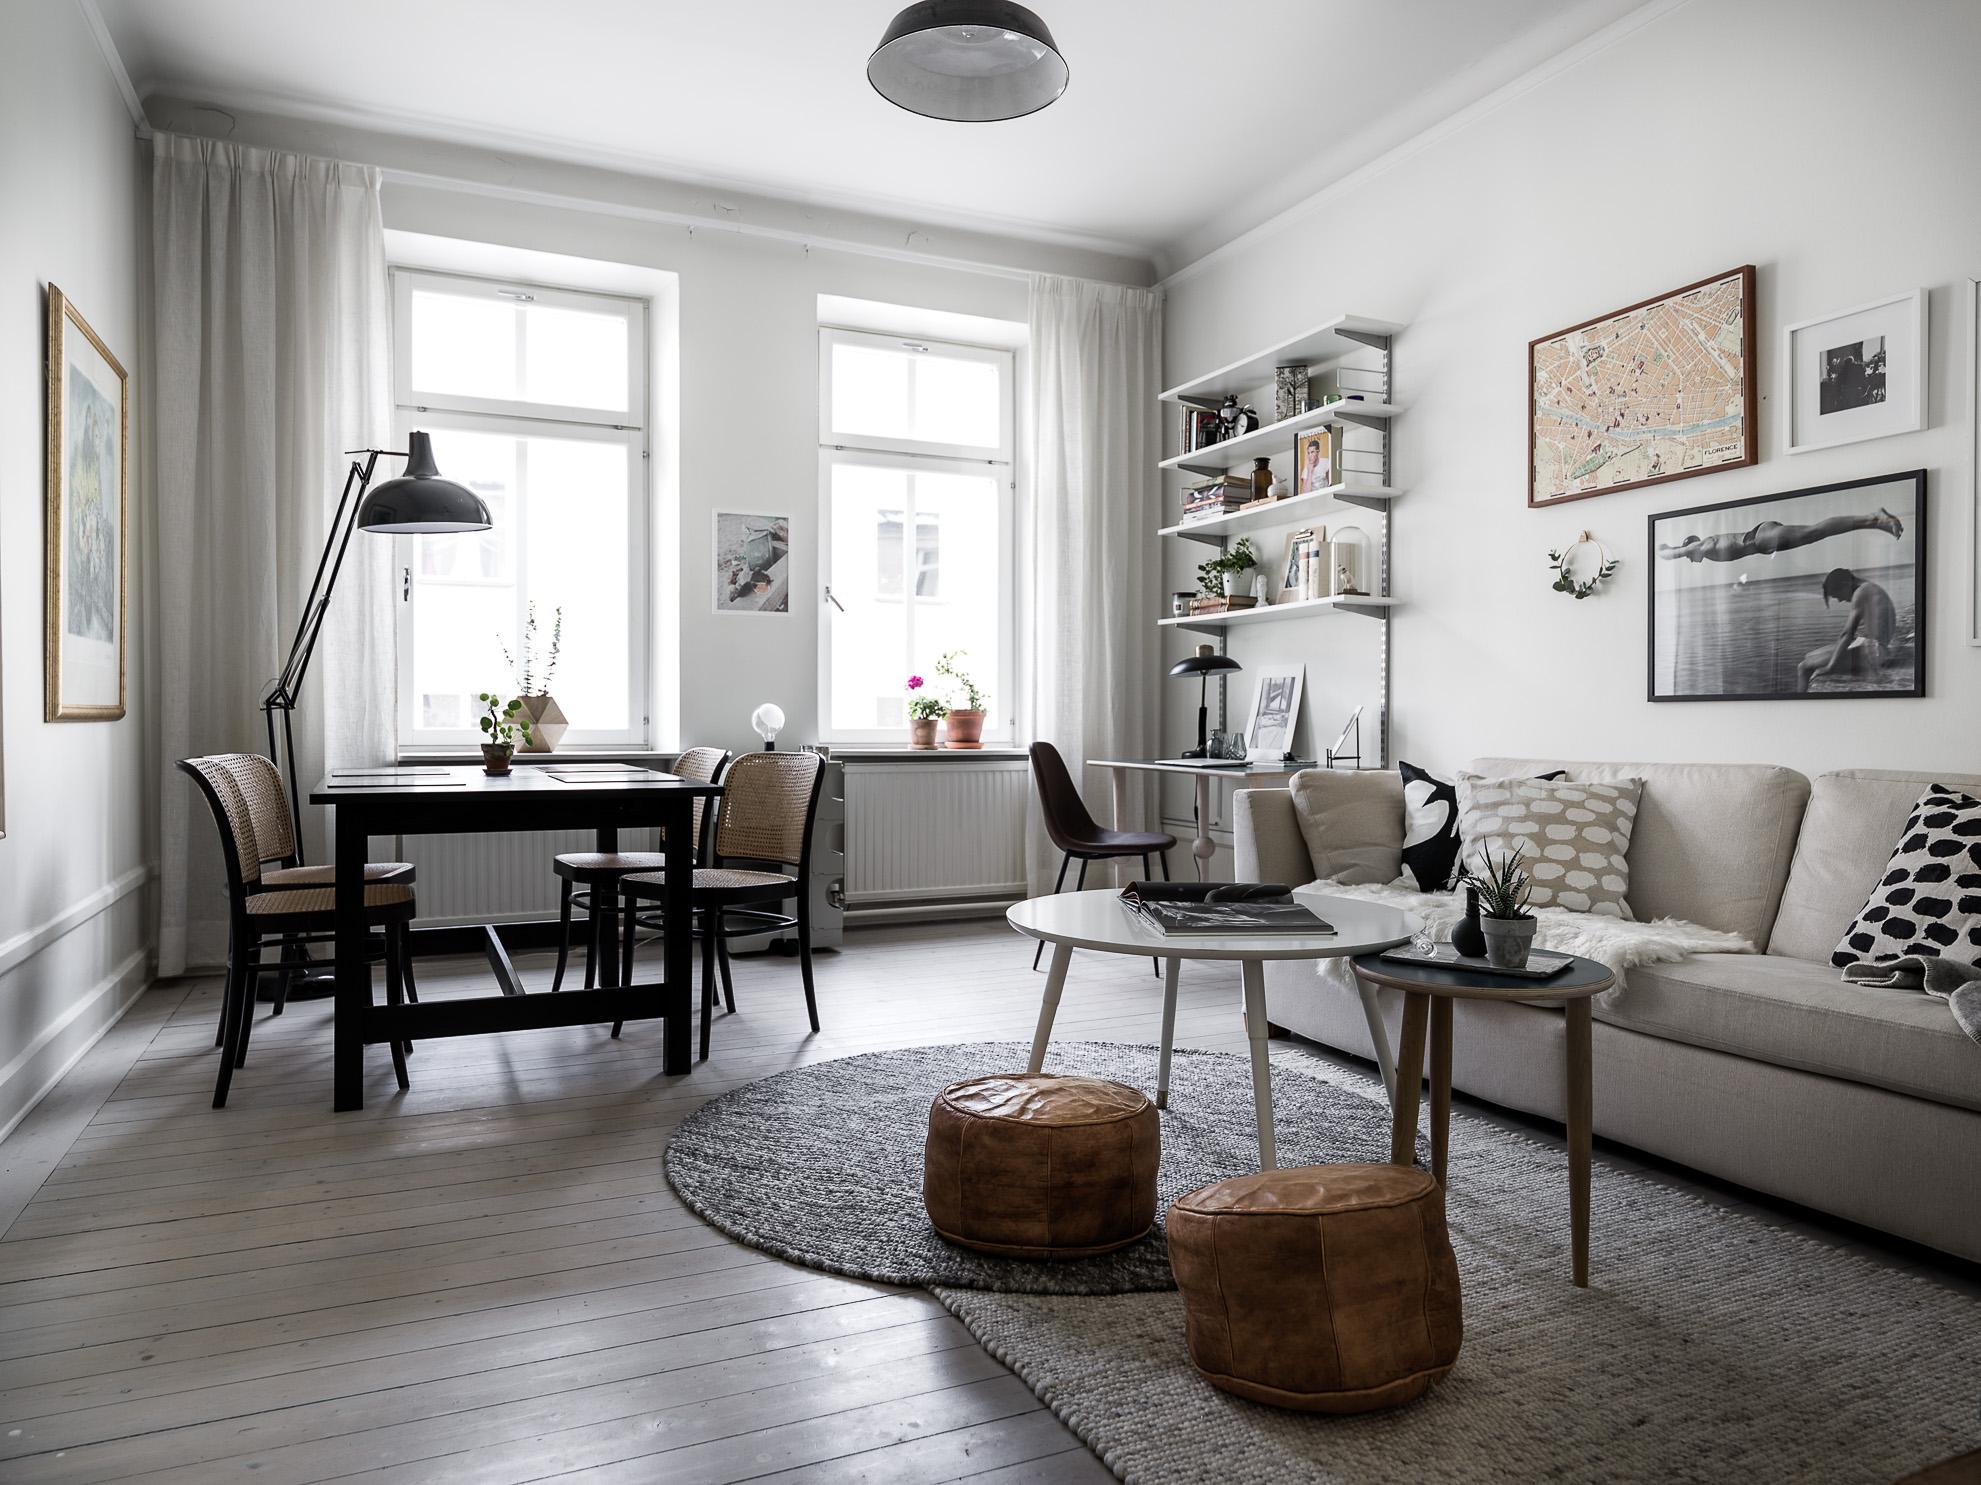 15x Werkplek in de woonkamer | Interieur inrichting